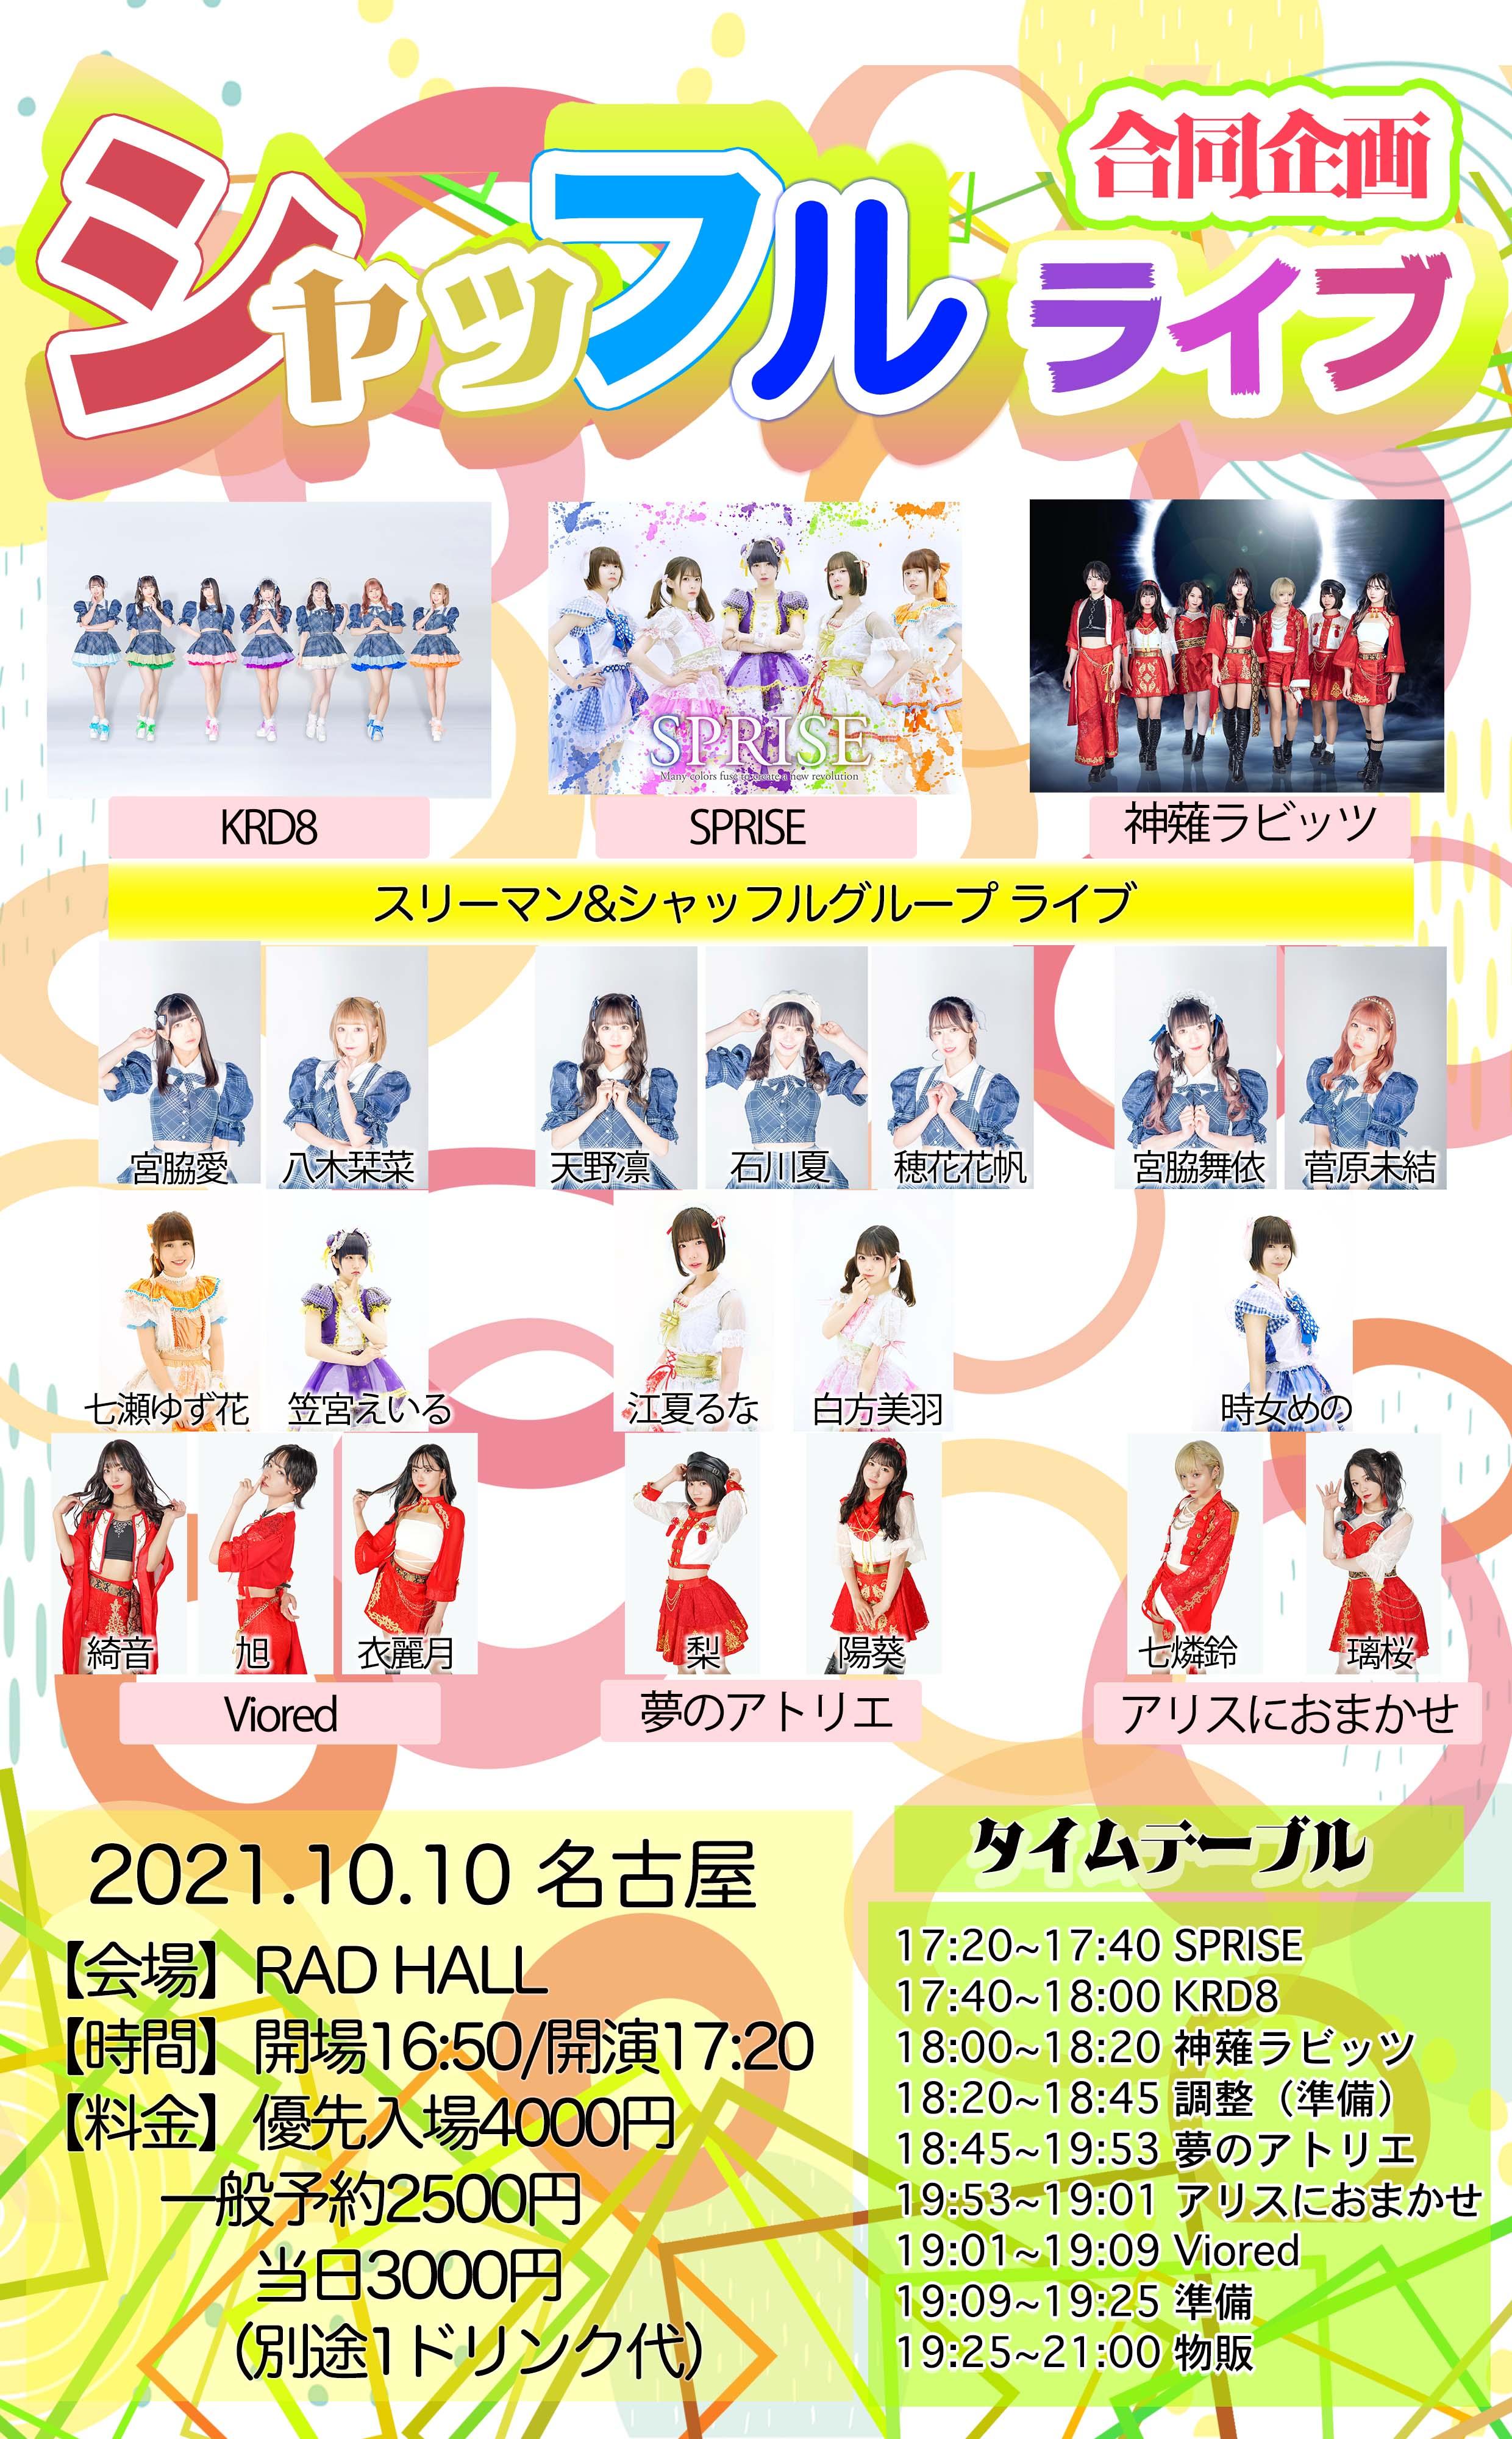 神薙ラビッツ 合同企画-シャッフルライブ-名古屋公演